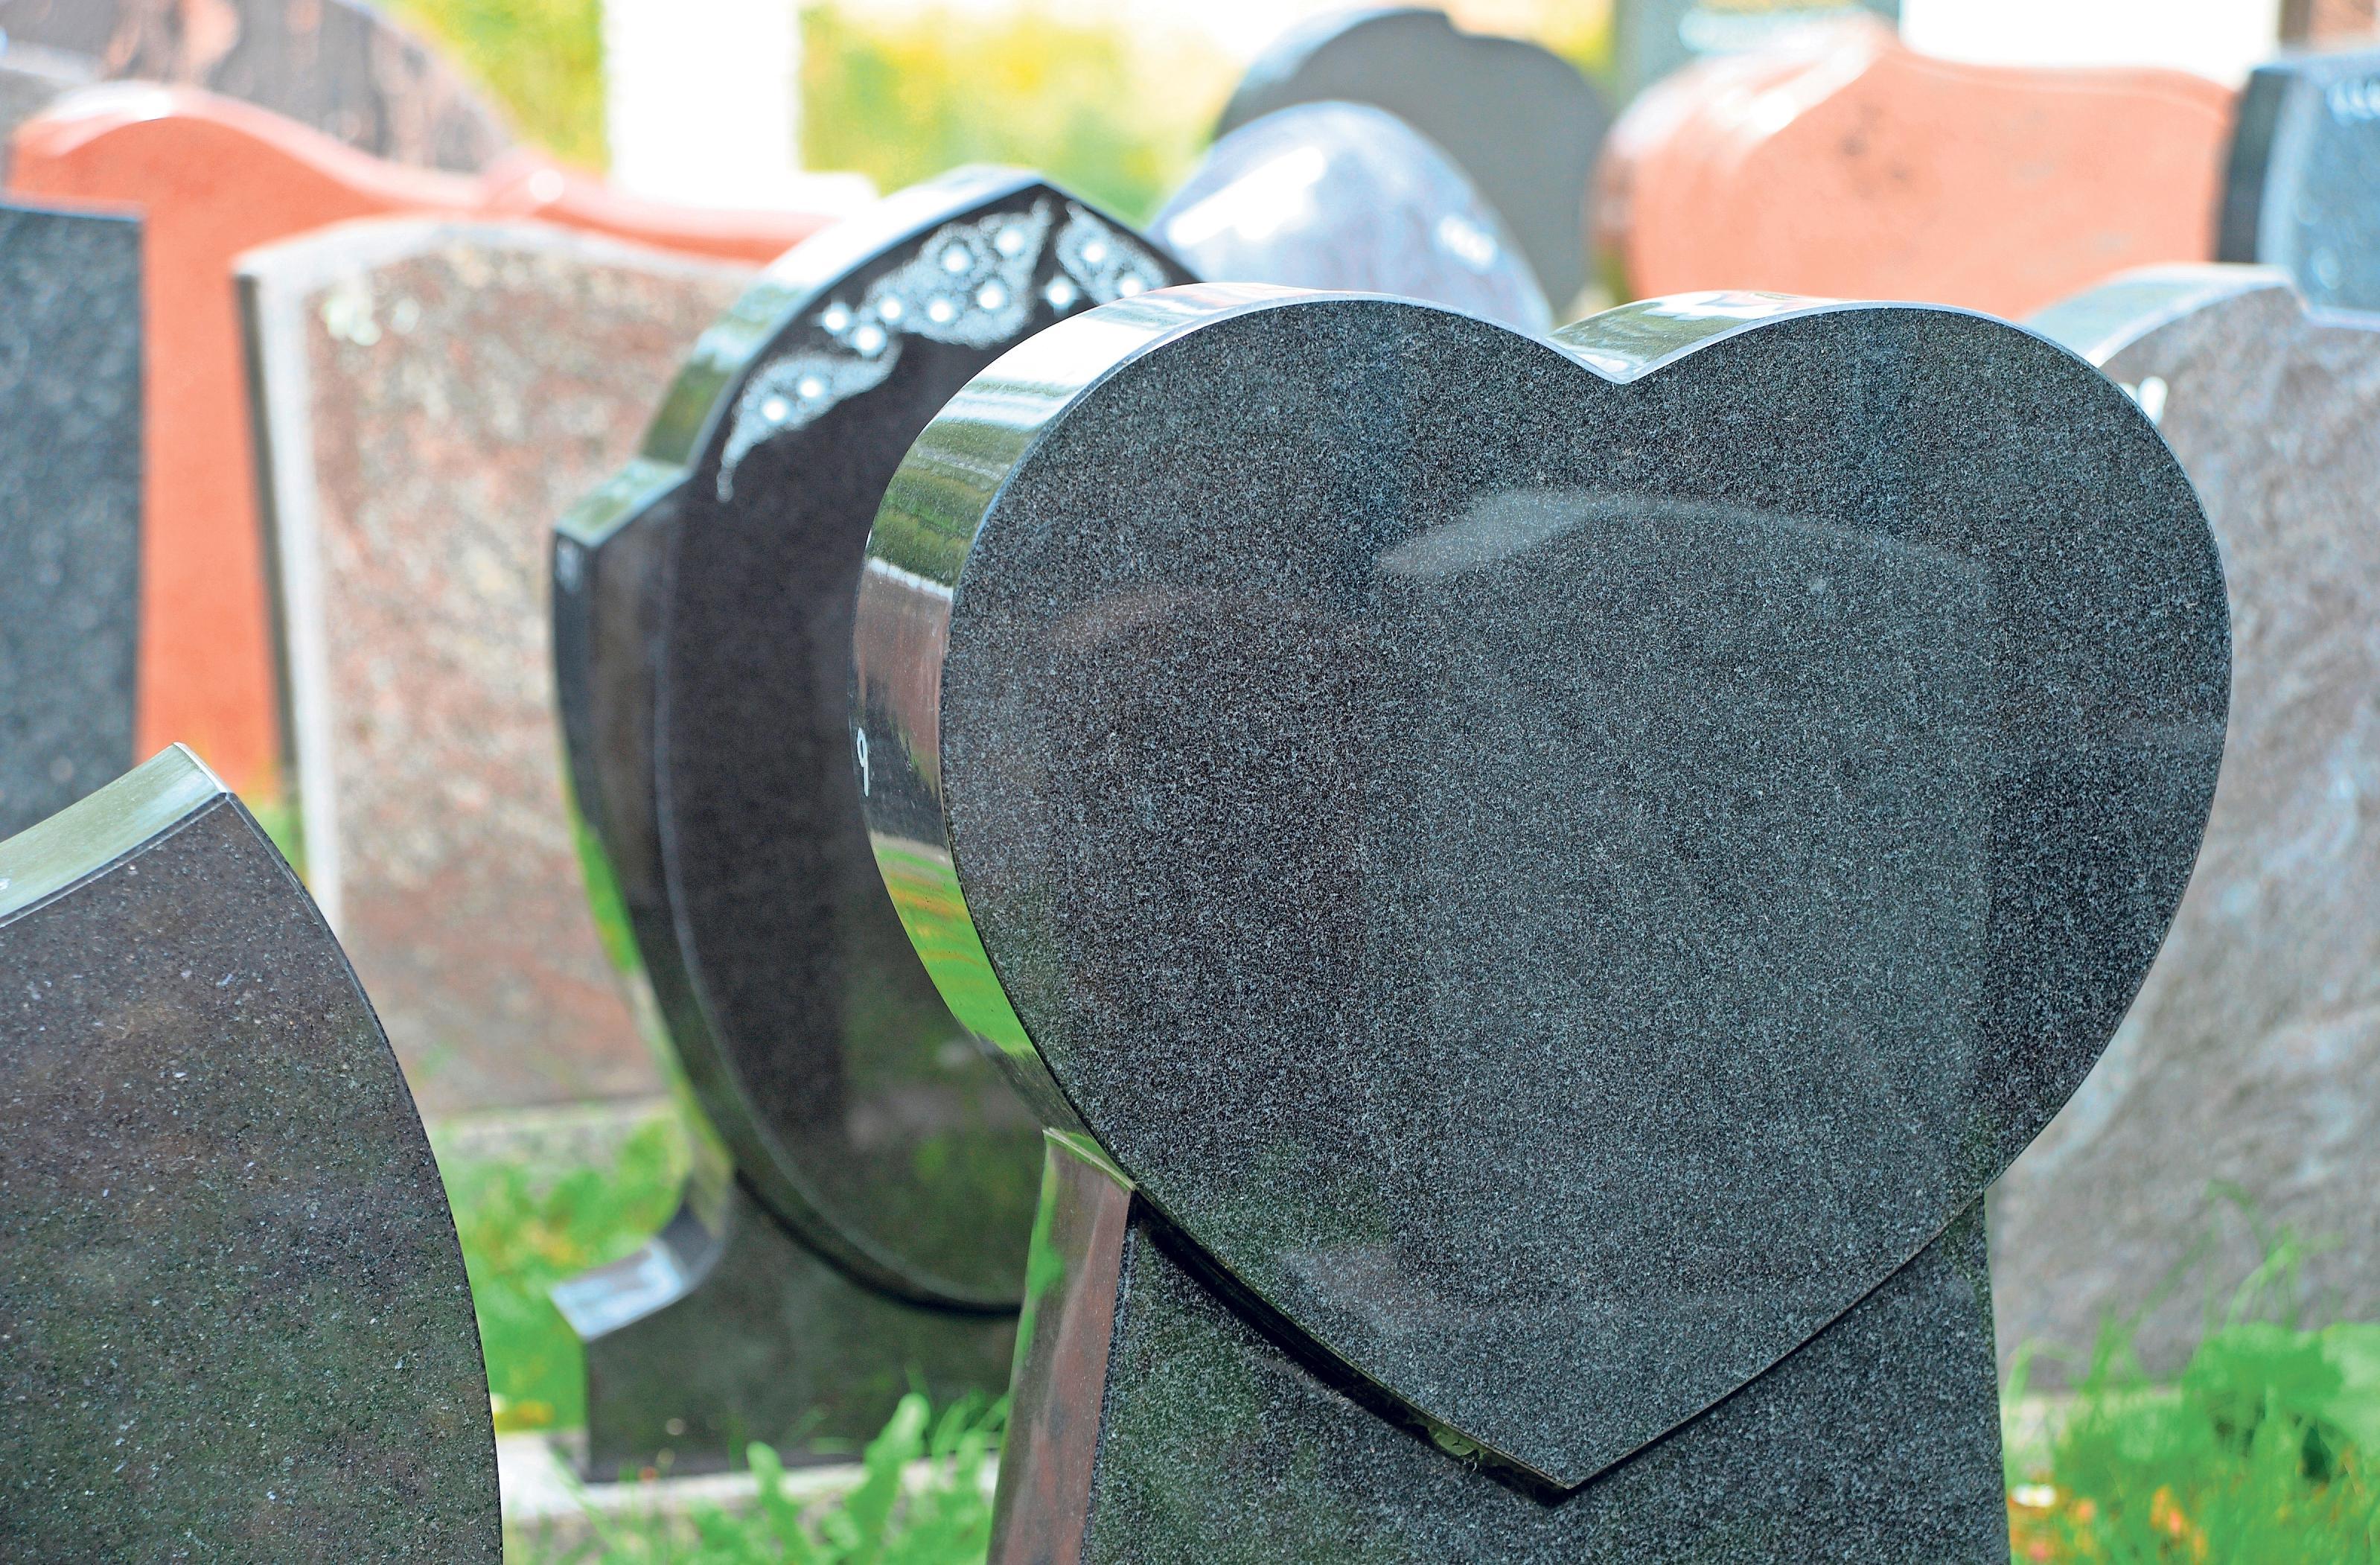 Die Auswahl des Grabmals wirkt auf viele Angehörige oft wie ein Abschluss der bewussten Trauerphase. Foto: Andrea Warnecke/dpa-tmn